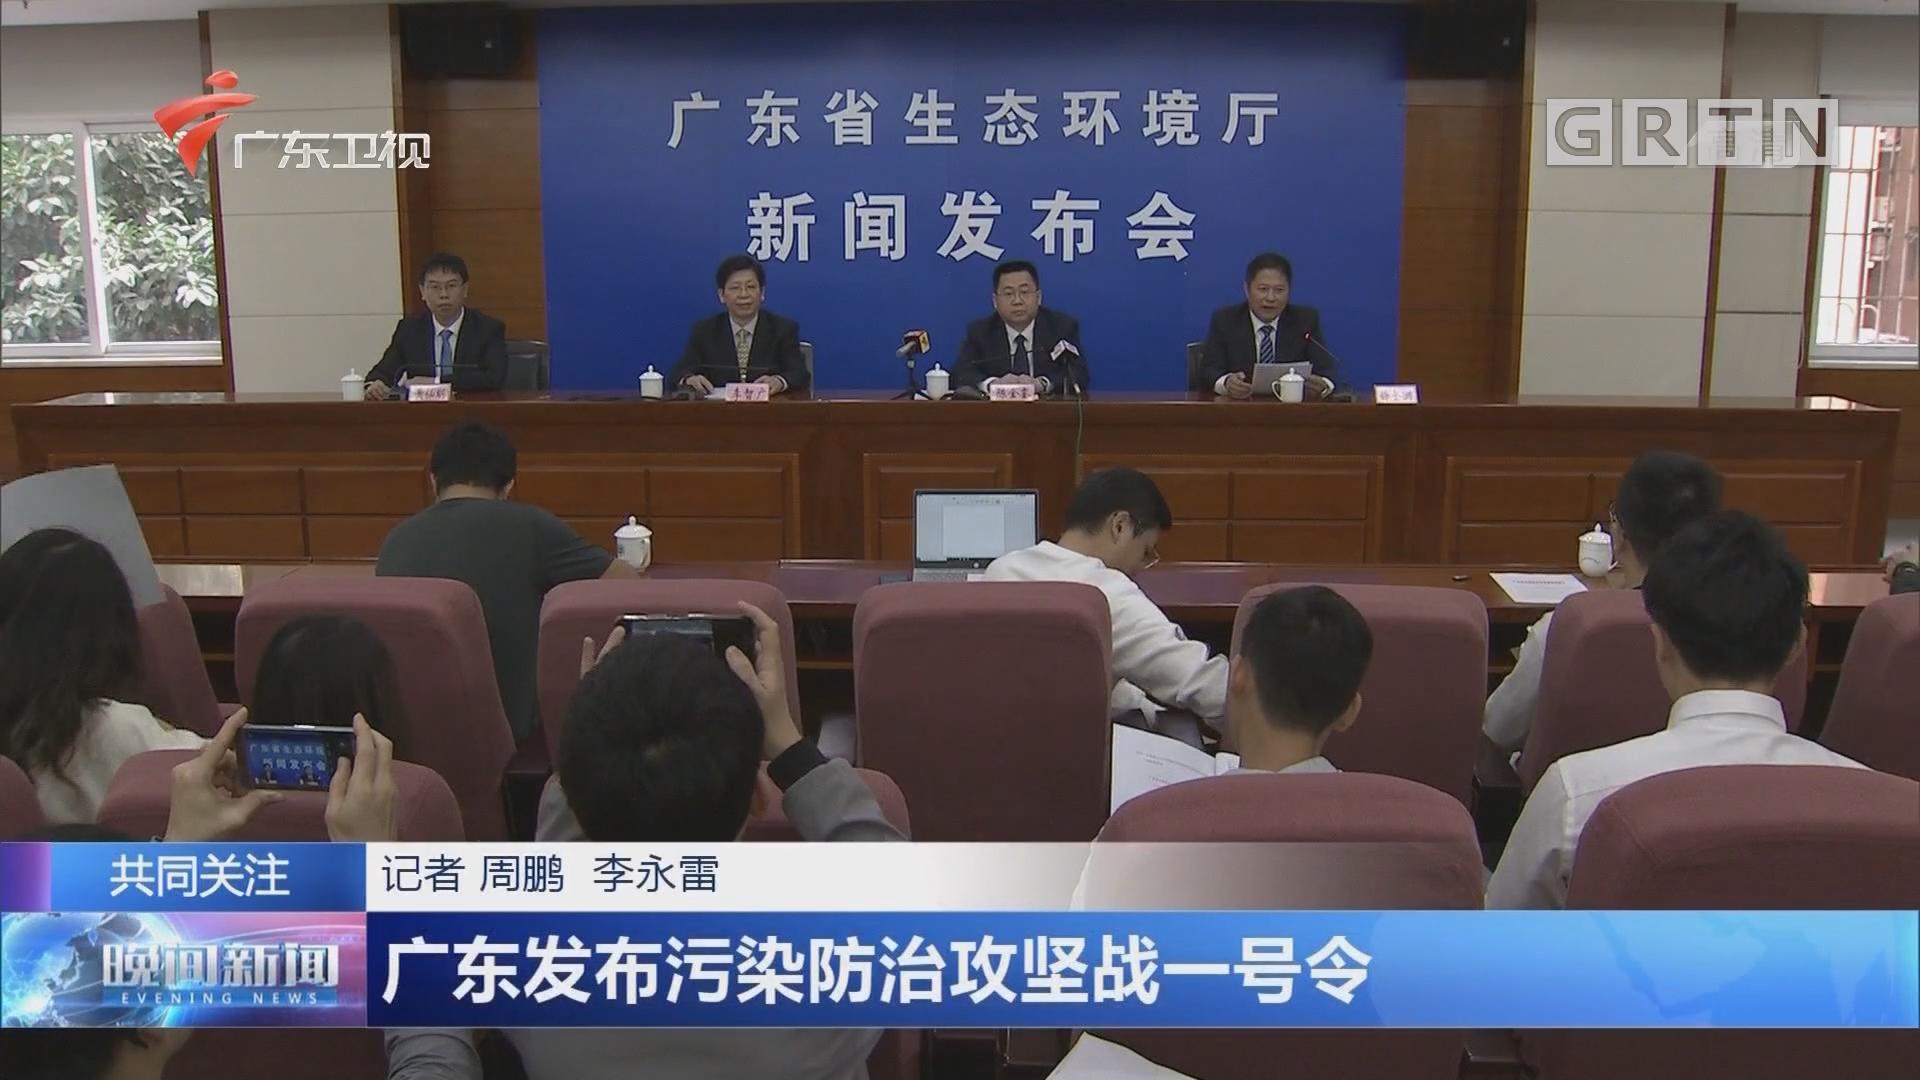 广东发布污染防治攻坚战一号令